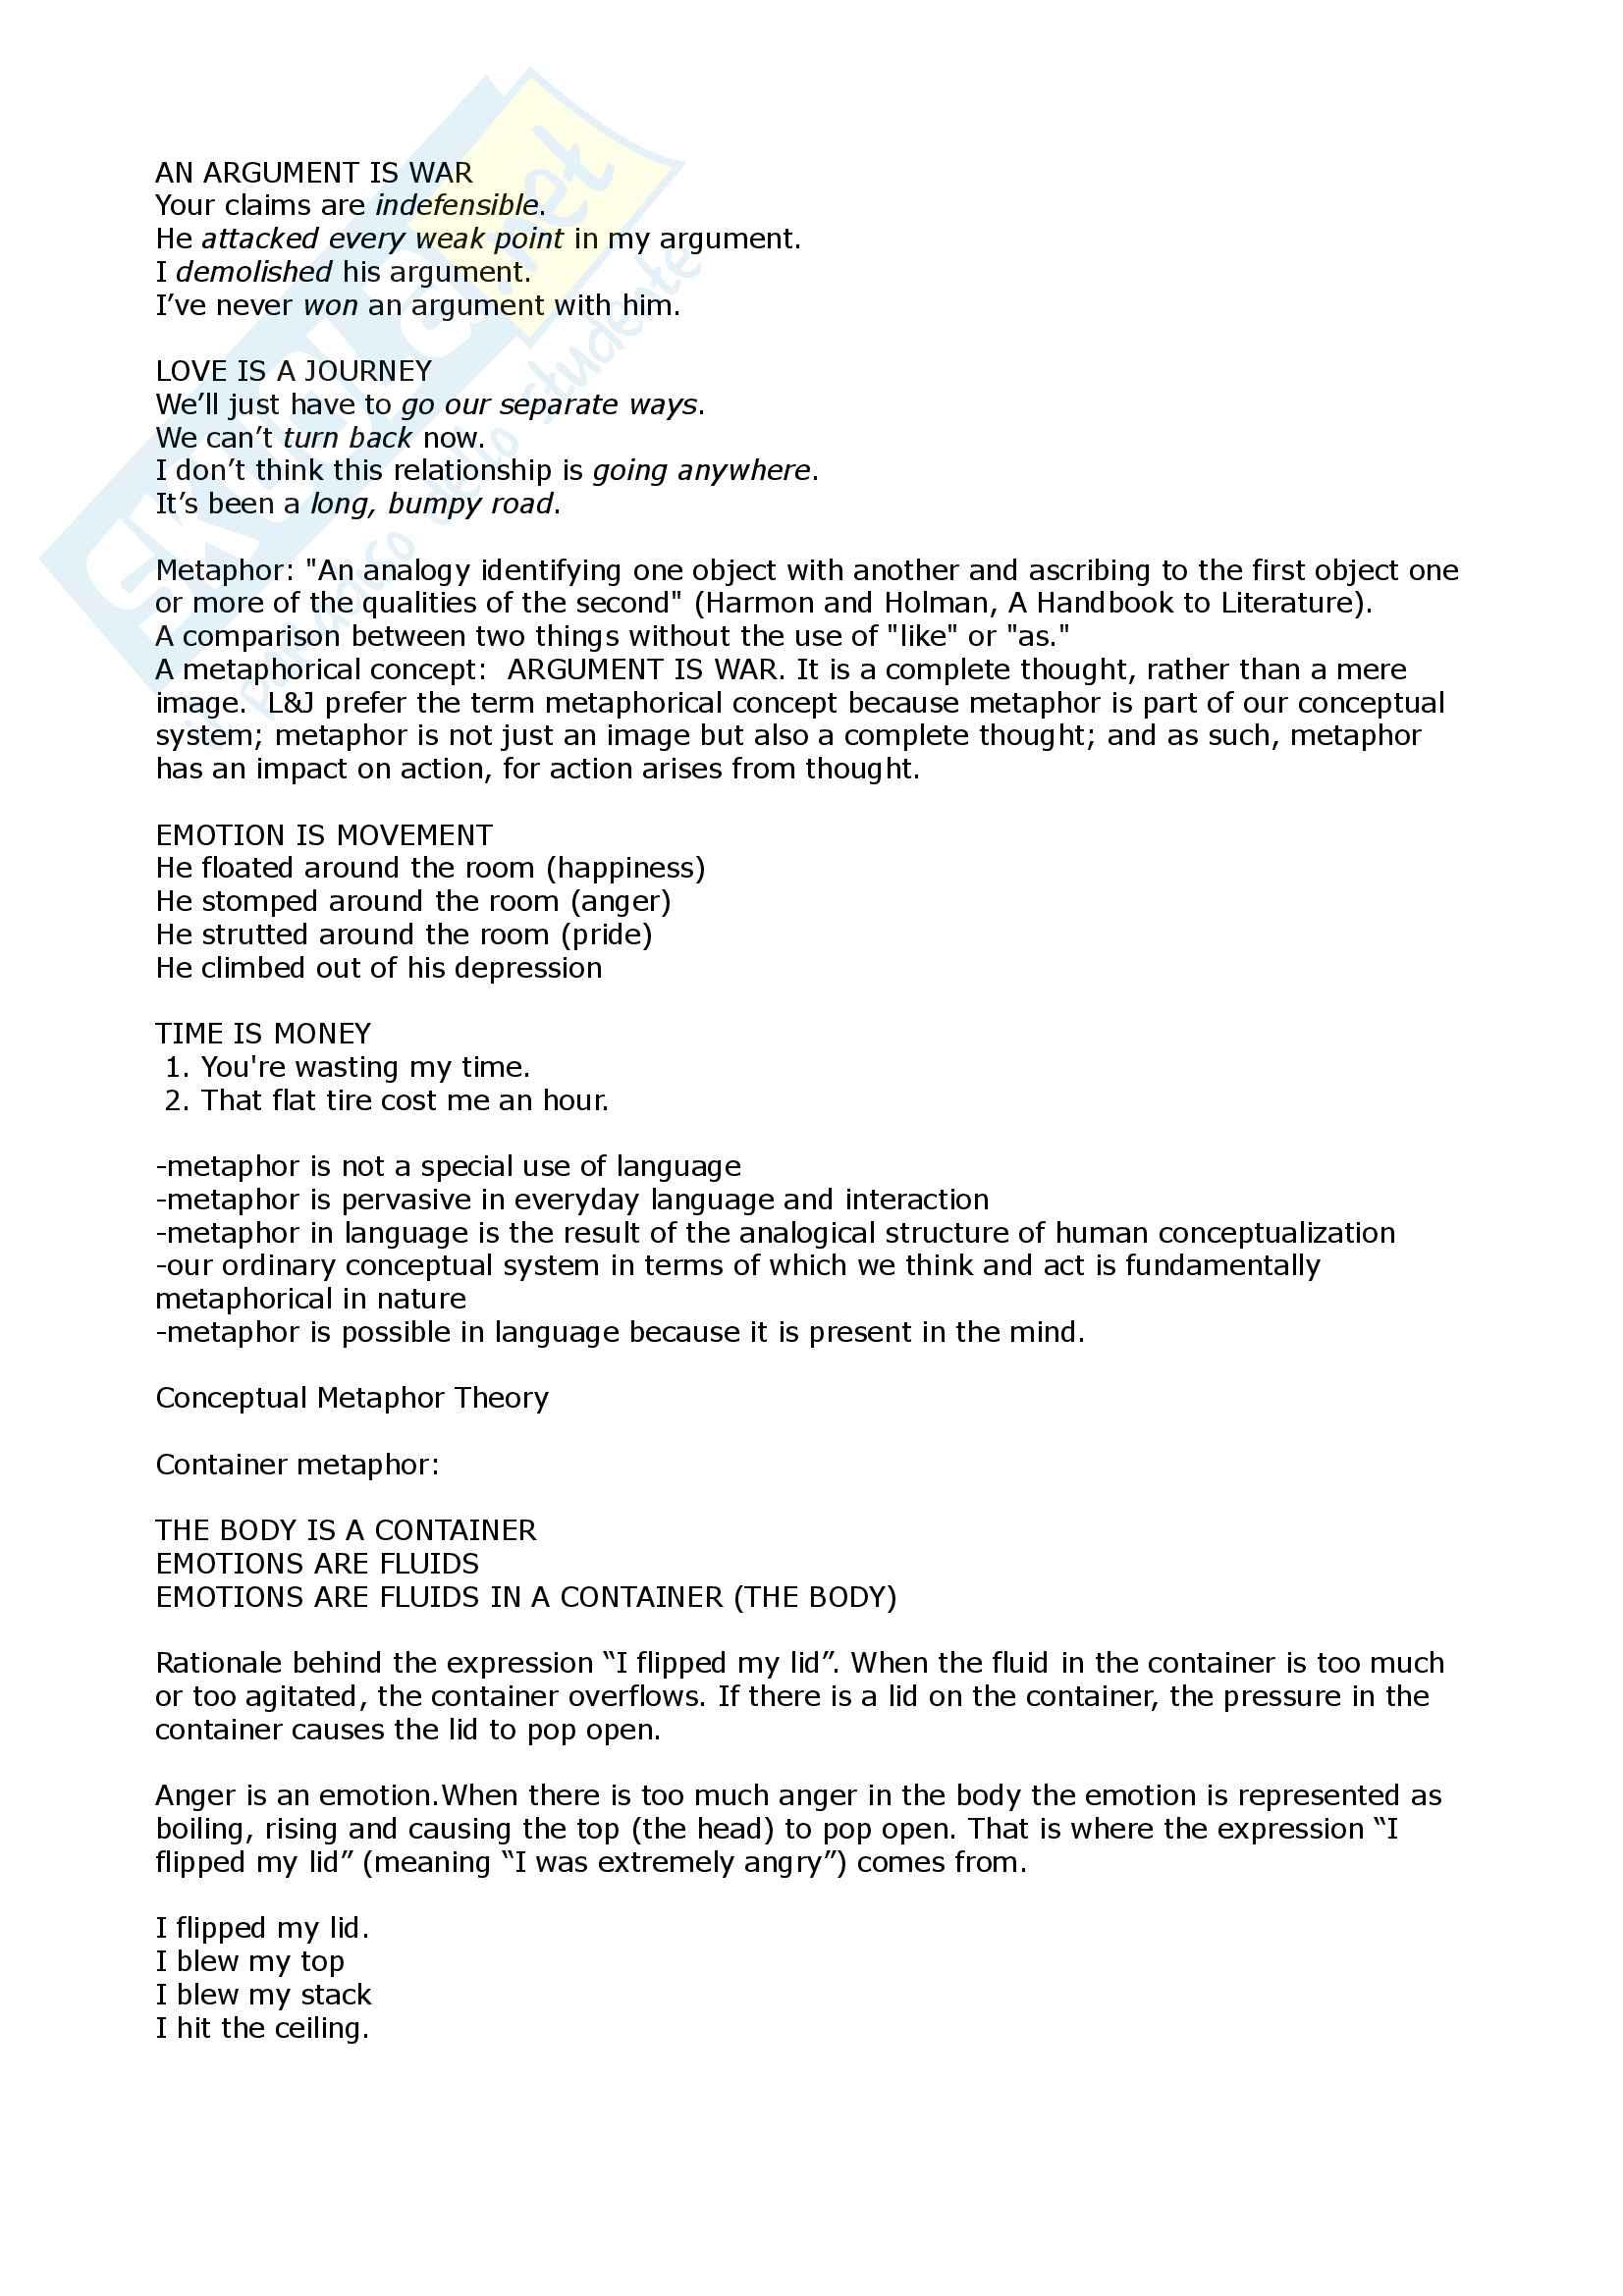 Metaphor and Conceptual Metaphor Theory Pag. 2